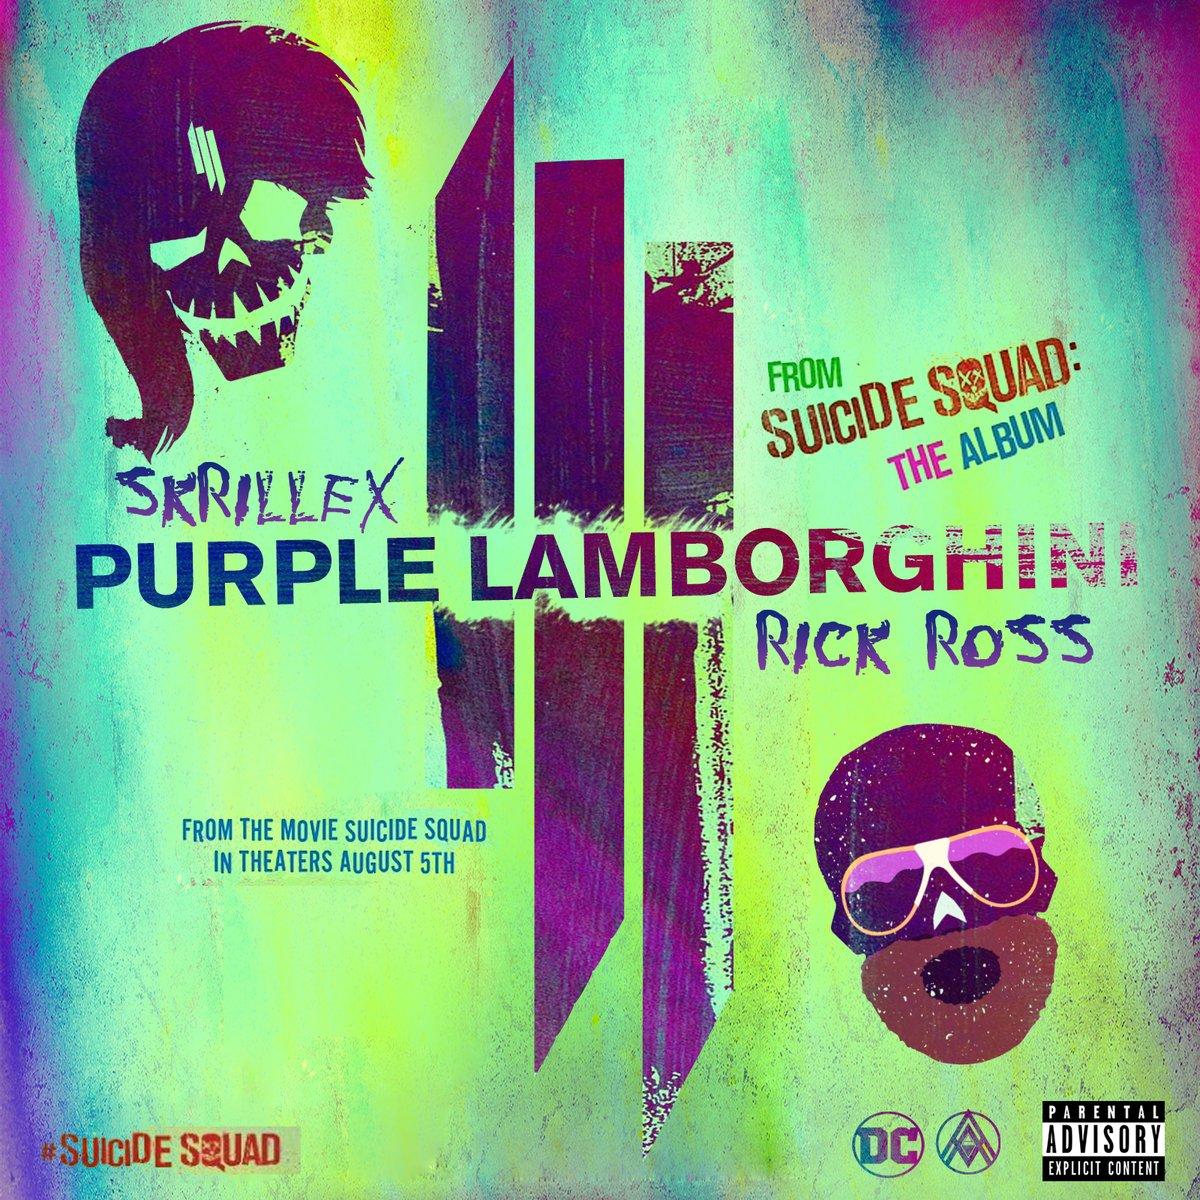 ultratop be - Skrillex & Rick Ross - Purple Lamborghini